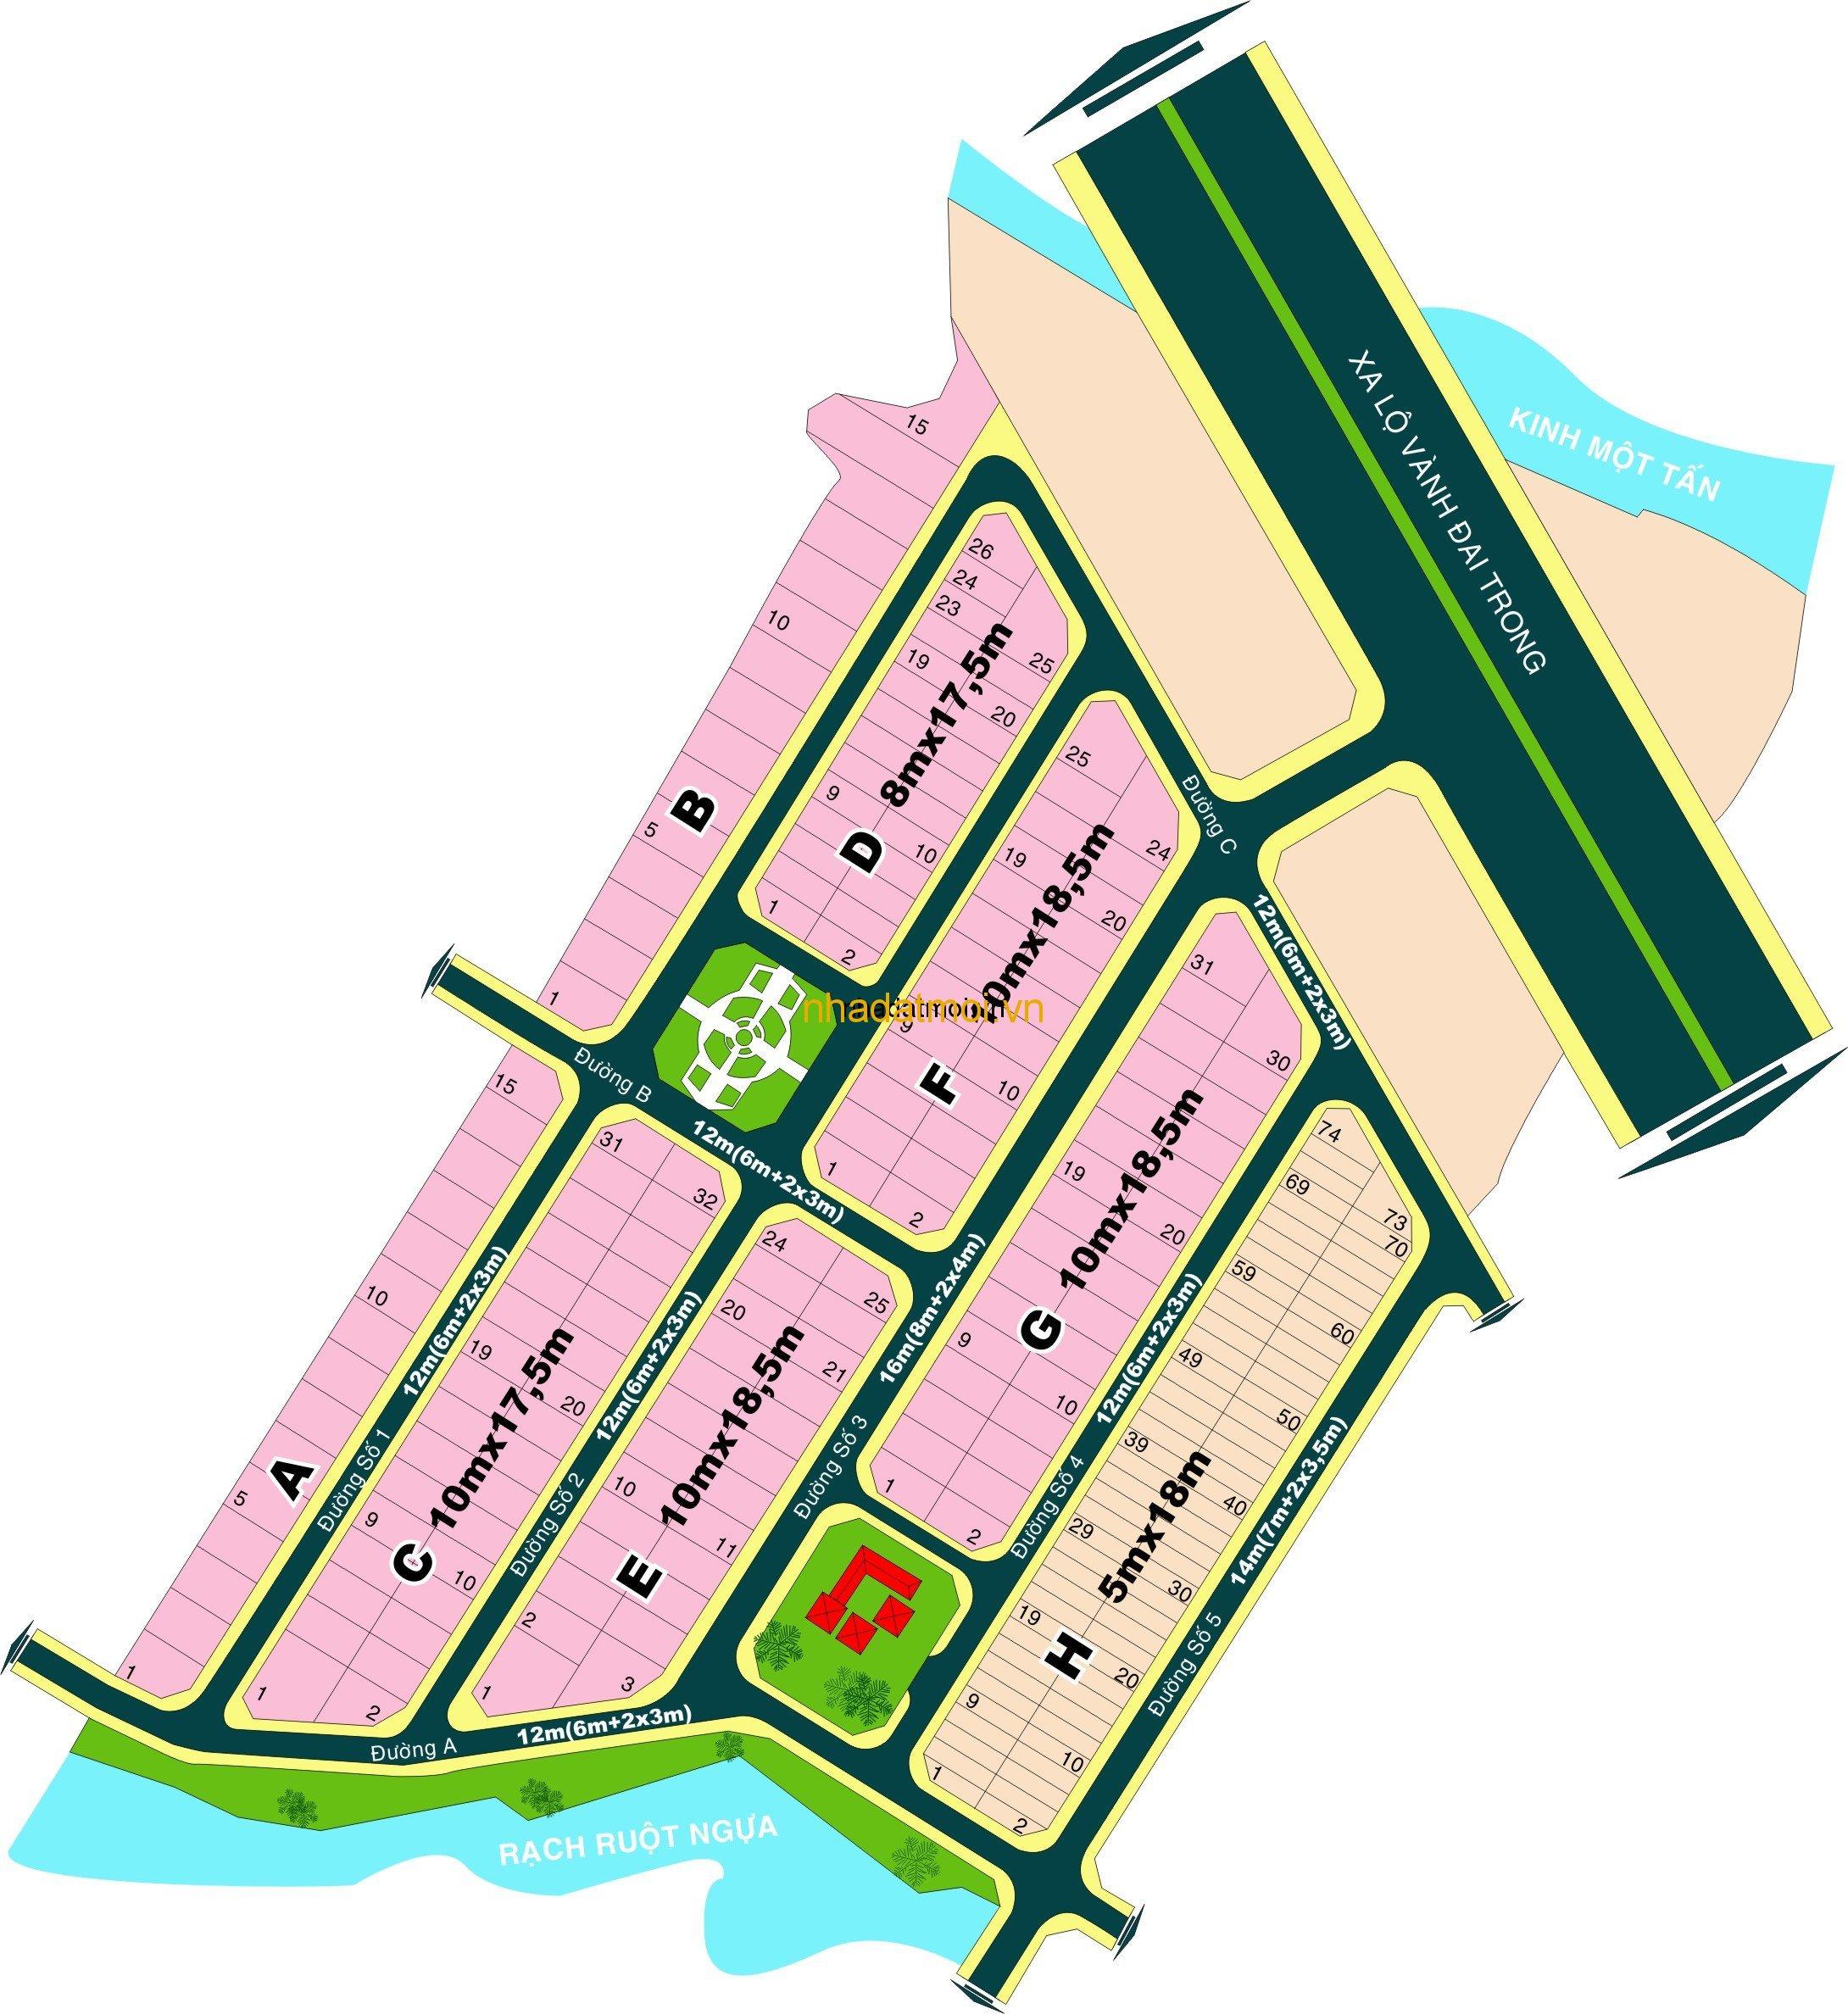 Dự án Hưng Phú 1 Quận 9